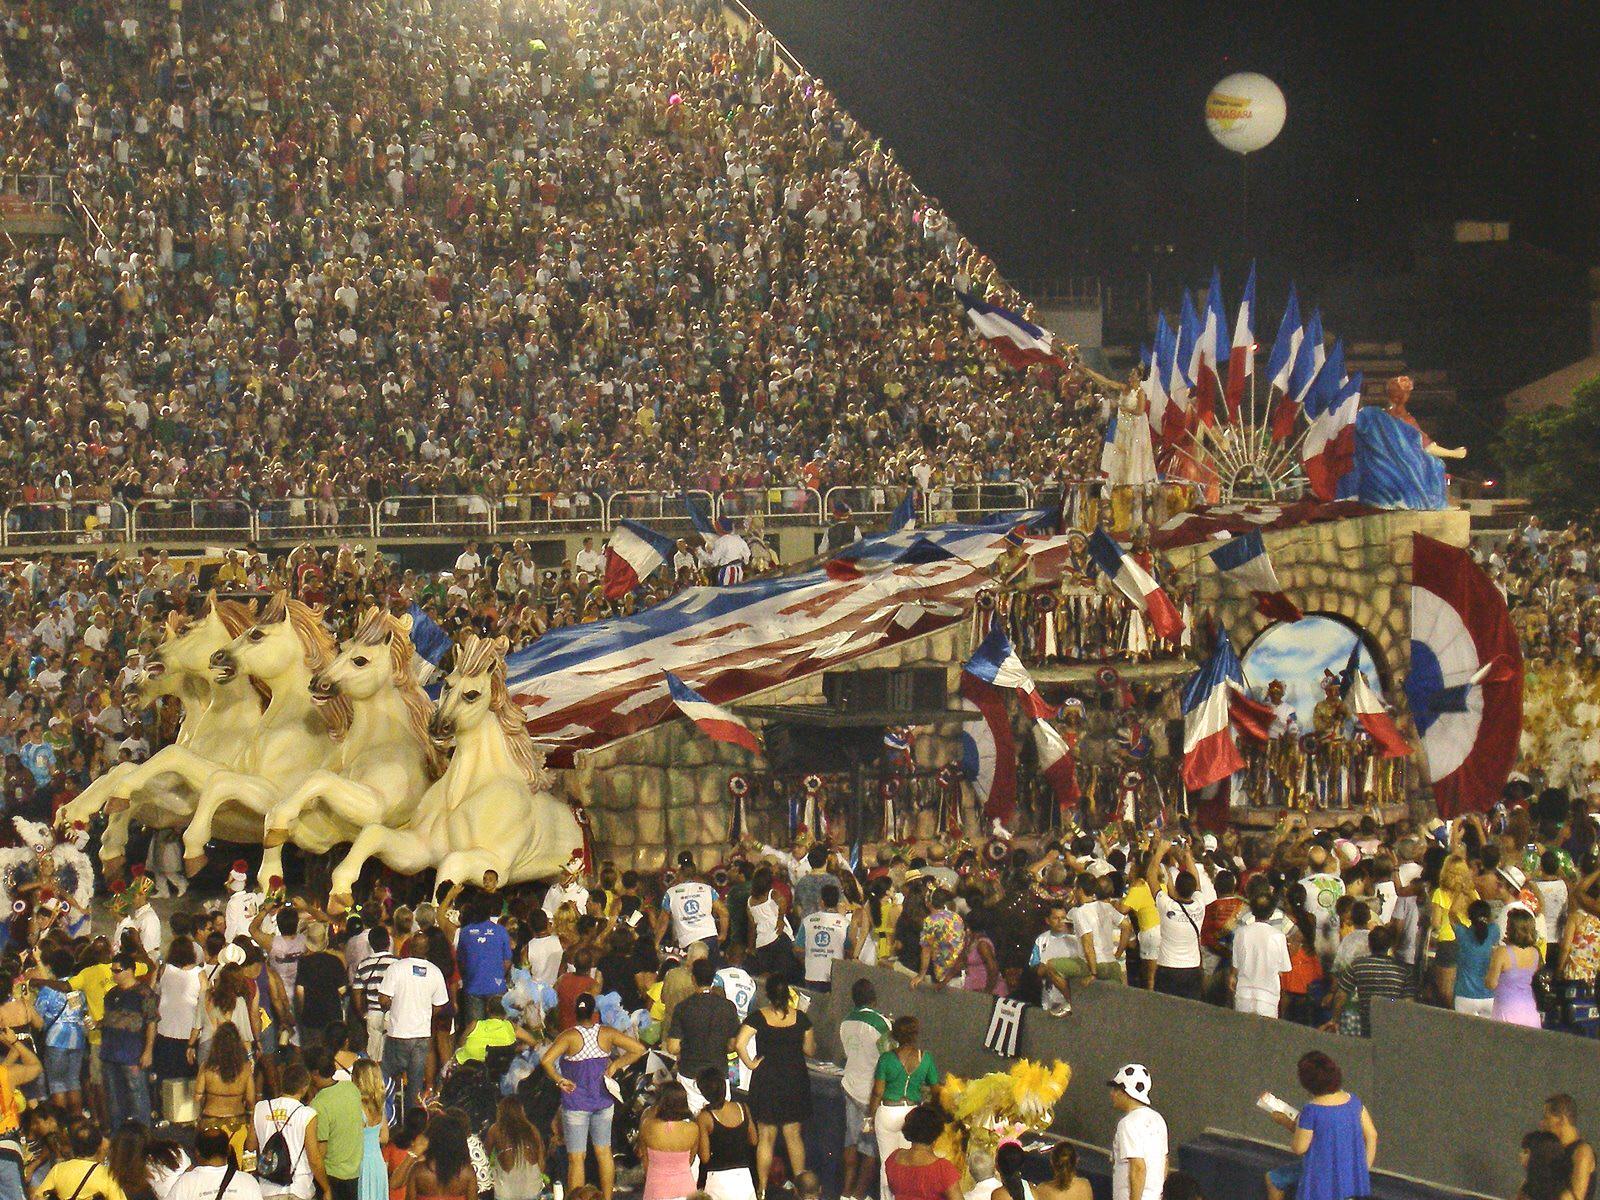 03tc Carnival 2011. Carnaval do Rio de Janeiro. Rio de ... Pictures Brazil Carnaval Rio